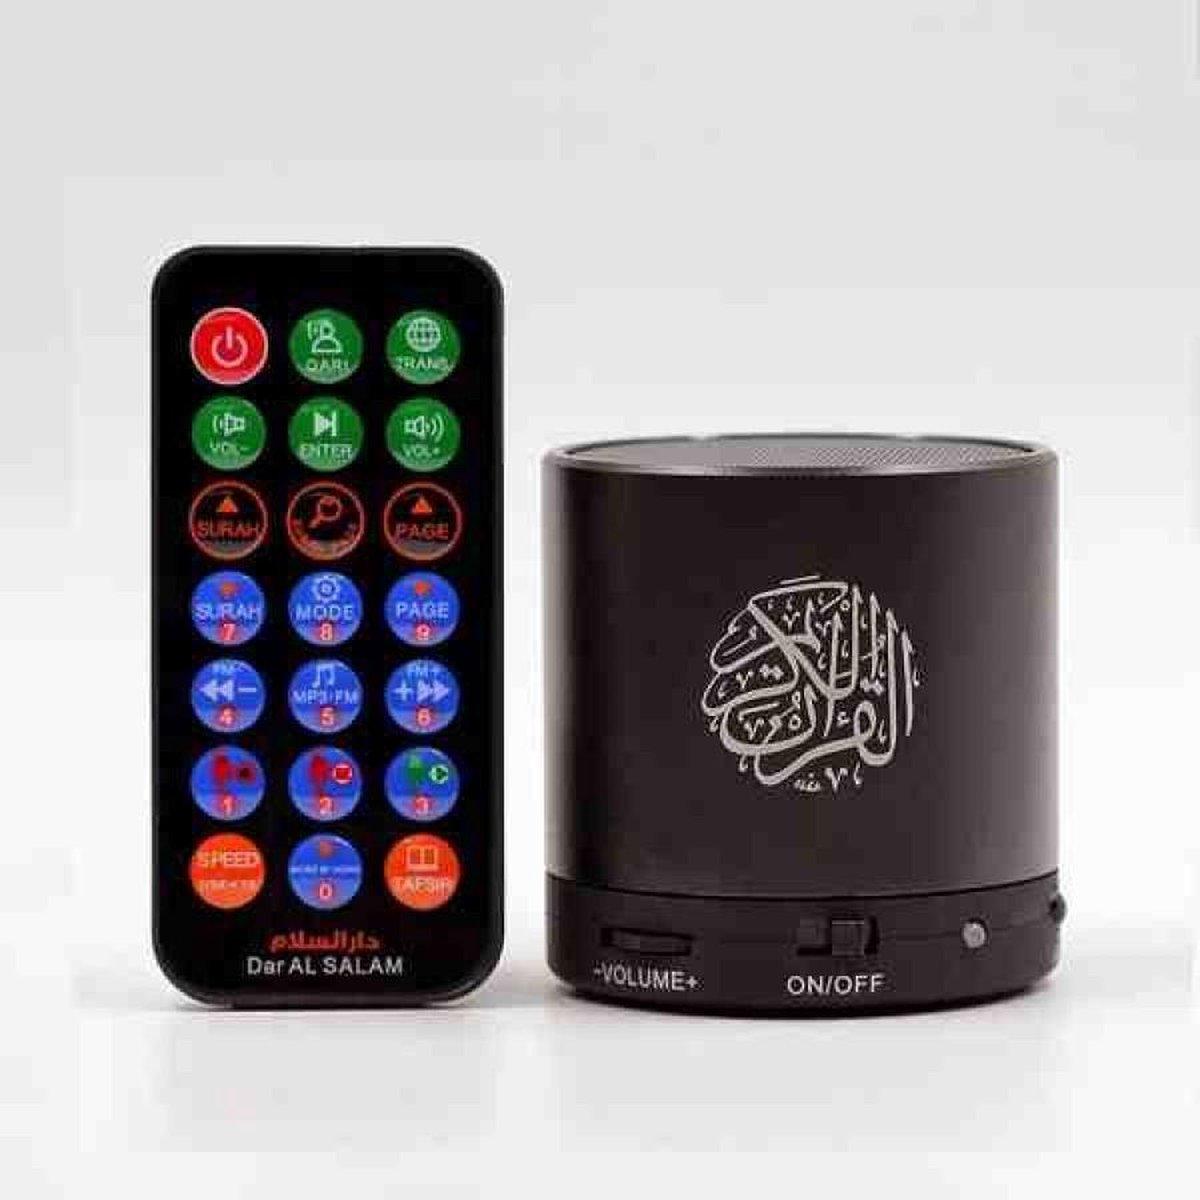 Nurani Koran lamp - Mini Koran speaker - Quran speaker - Audio & Hifi - Draadloze speakers - Smart Speakers - Quran lamp - Led Lamp Touch - Zwart